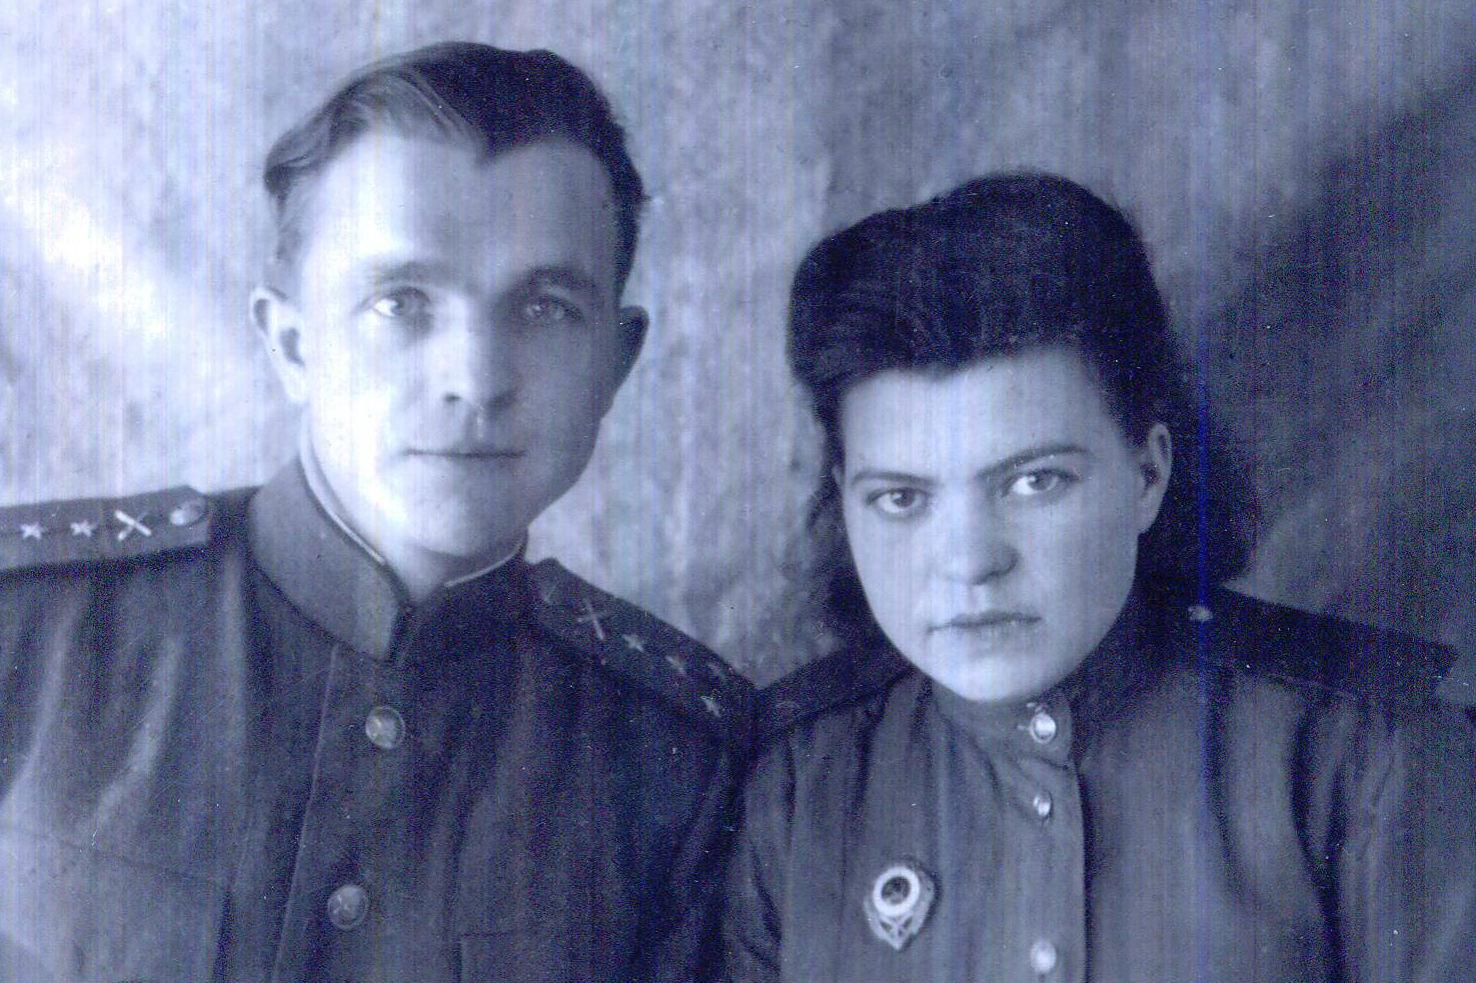 Фото: из семейного архива.